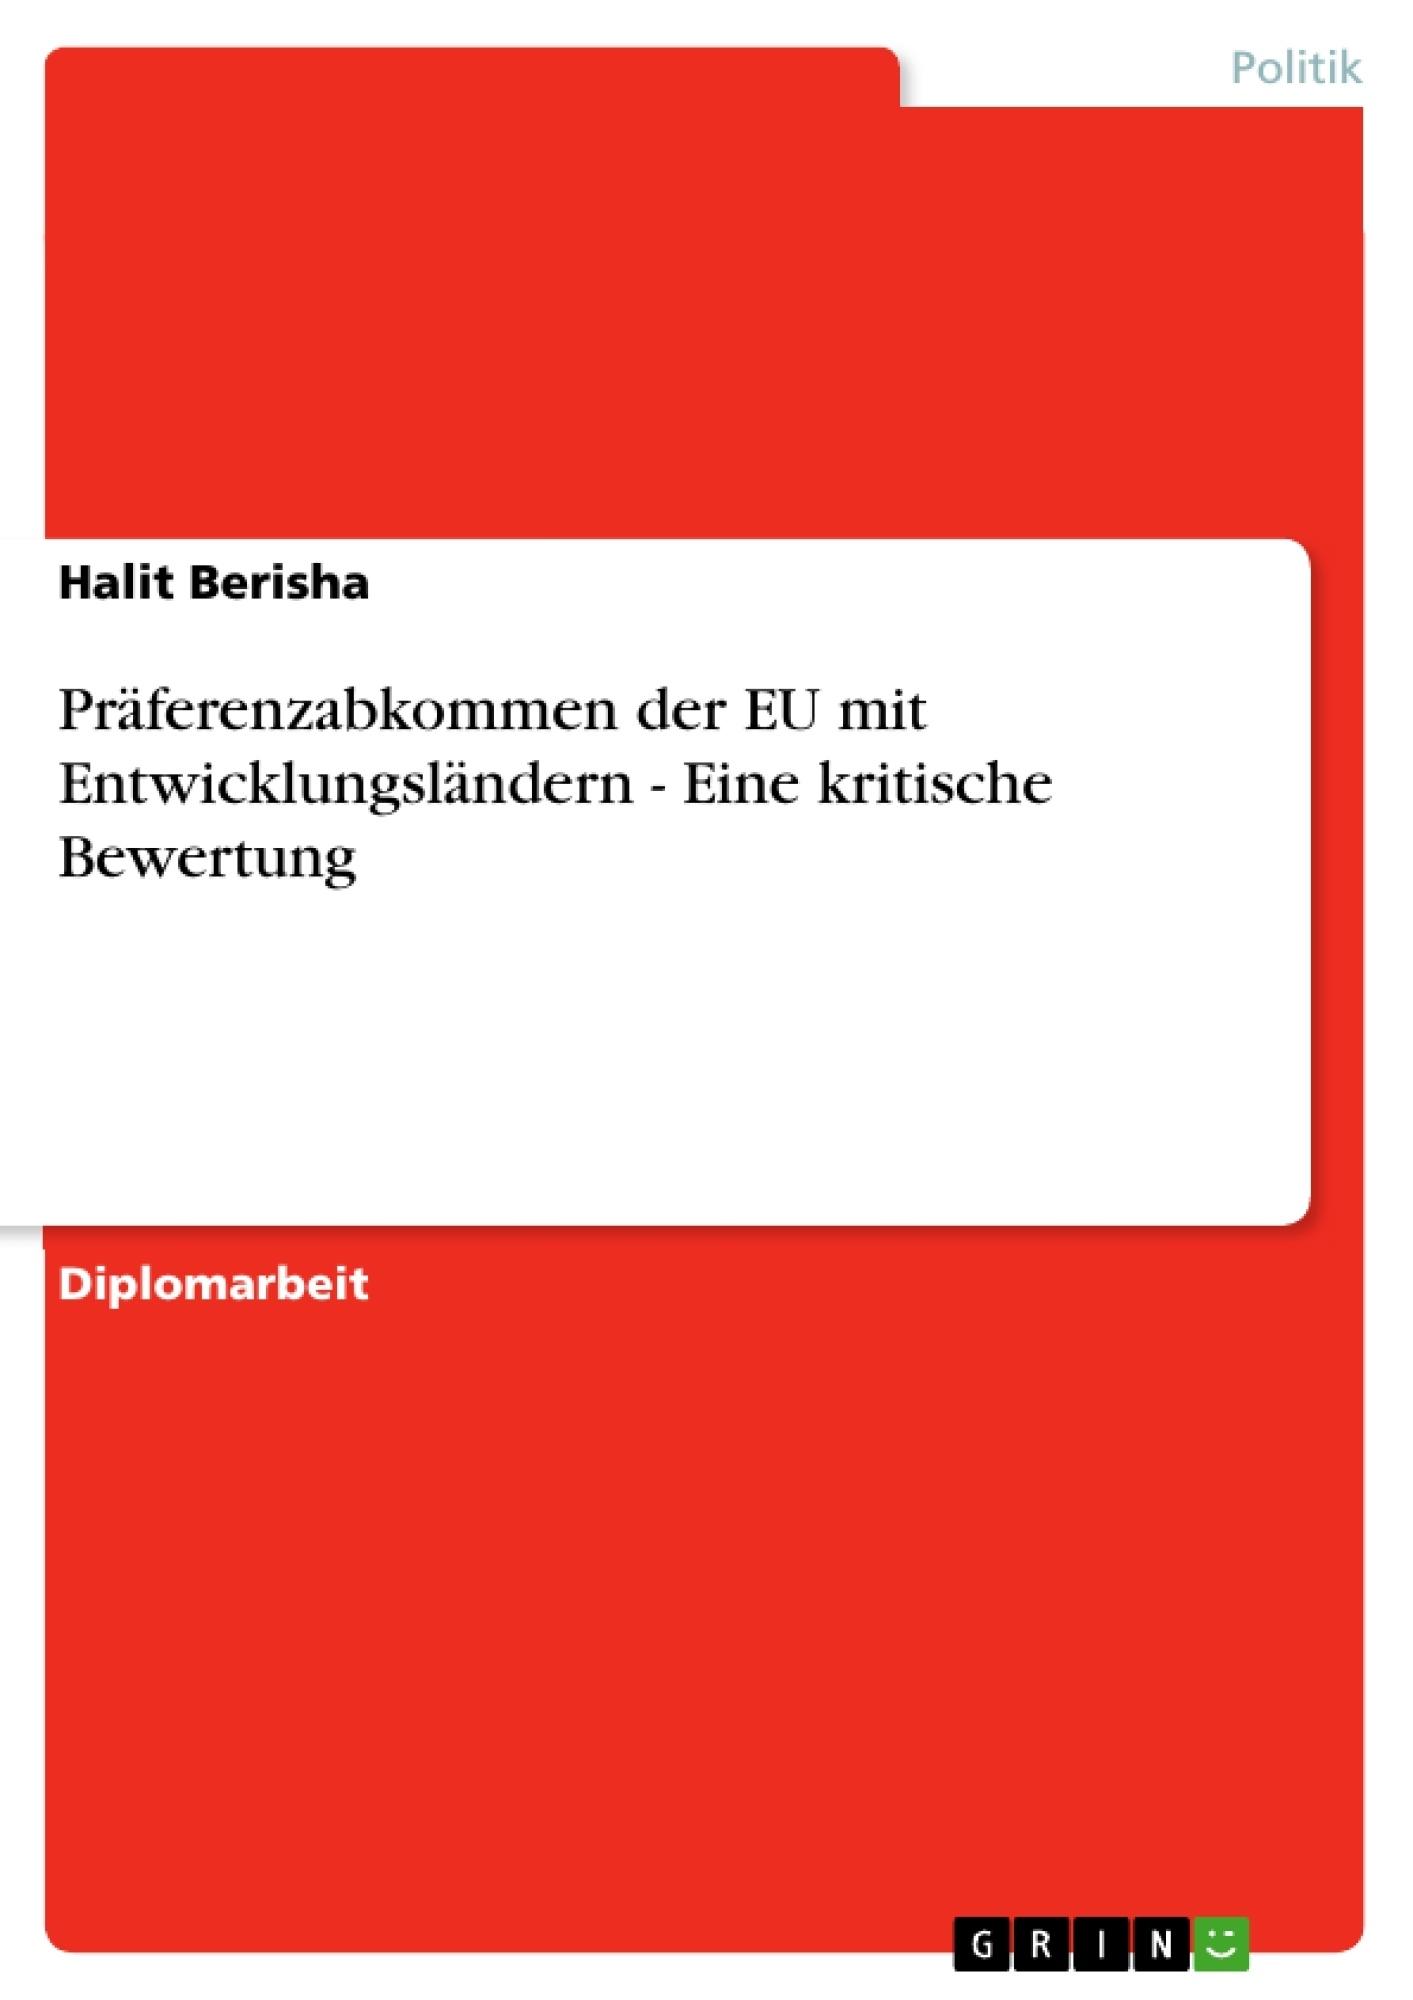 Titel: Präferenzabkommen der EU mit Entwicklungsländern - Eine kritische Bewertung